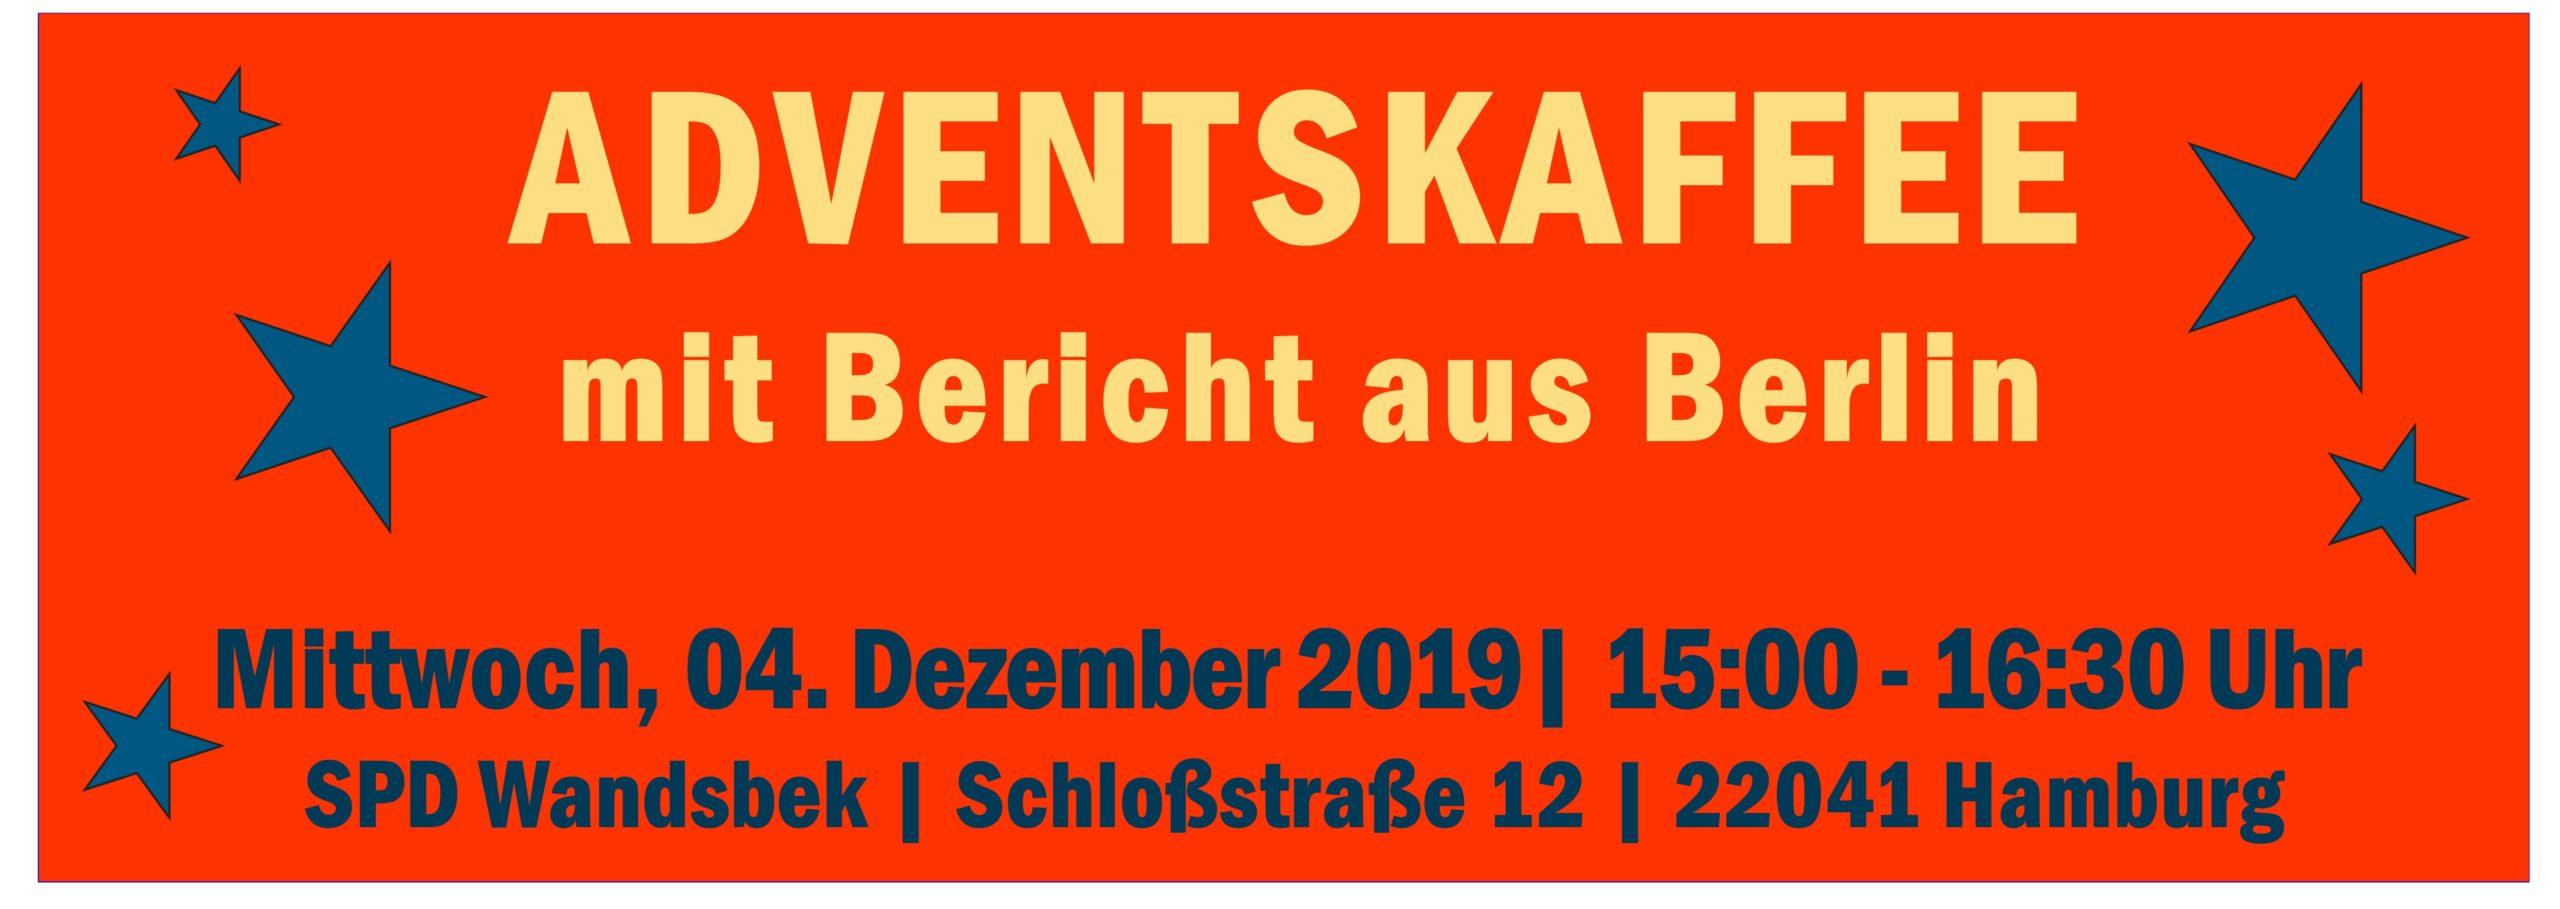 Einladung zum Adventskaffee mit Bericht aus Berlin